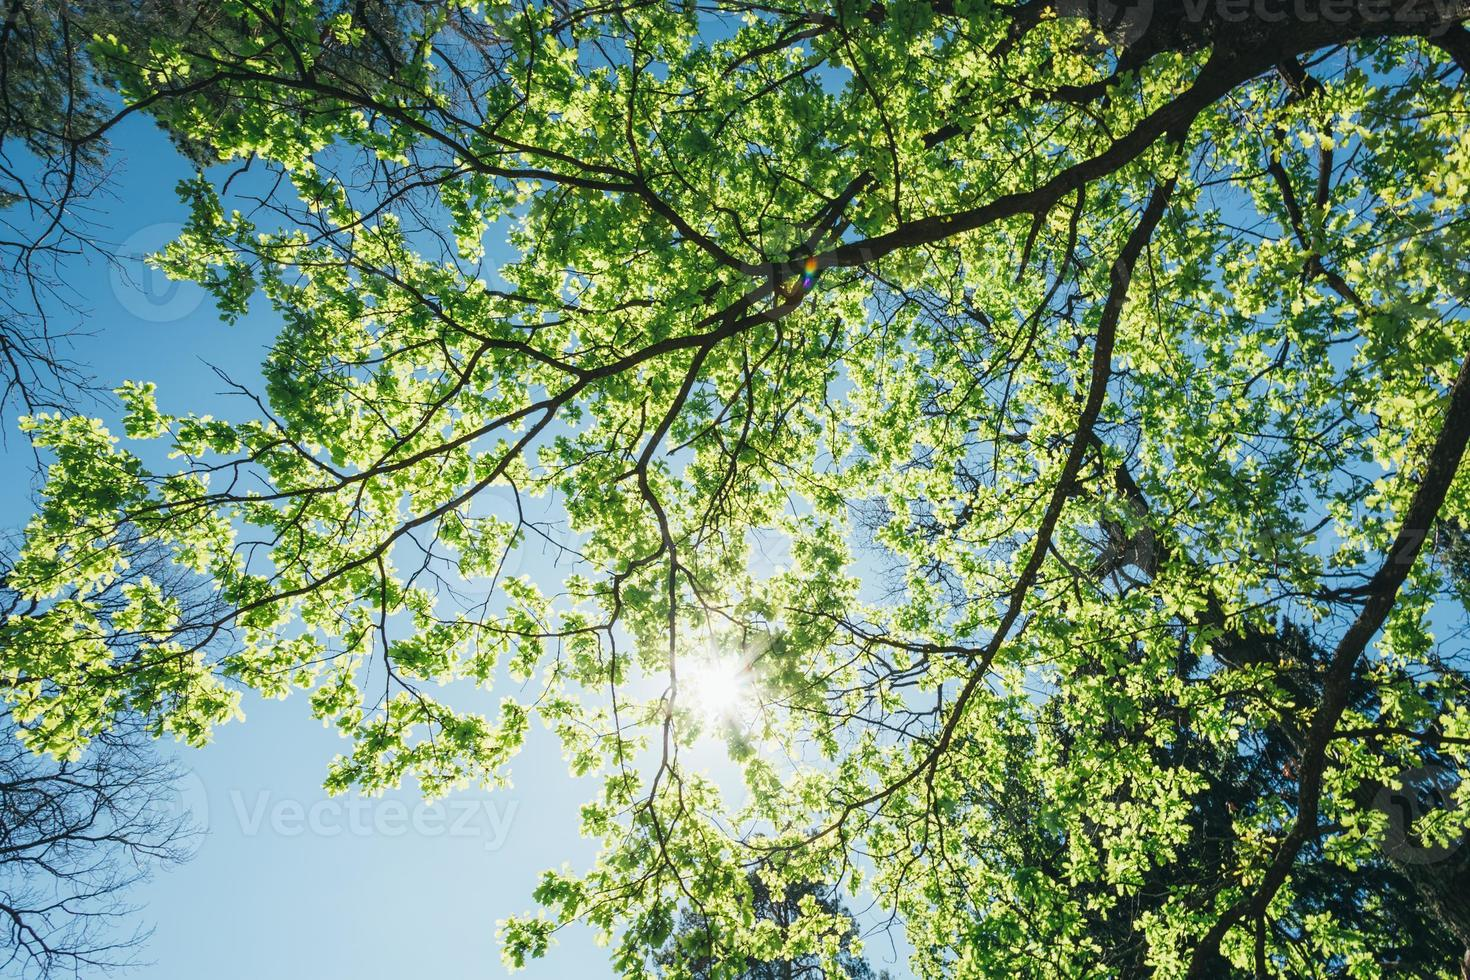 sonniger Baldachin von hohen Bäumen. Sonnenlicht im Laubwald, Sommer foto